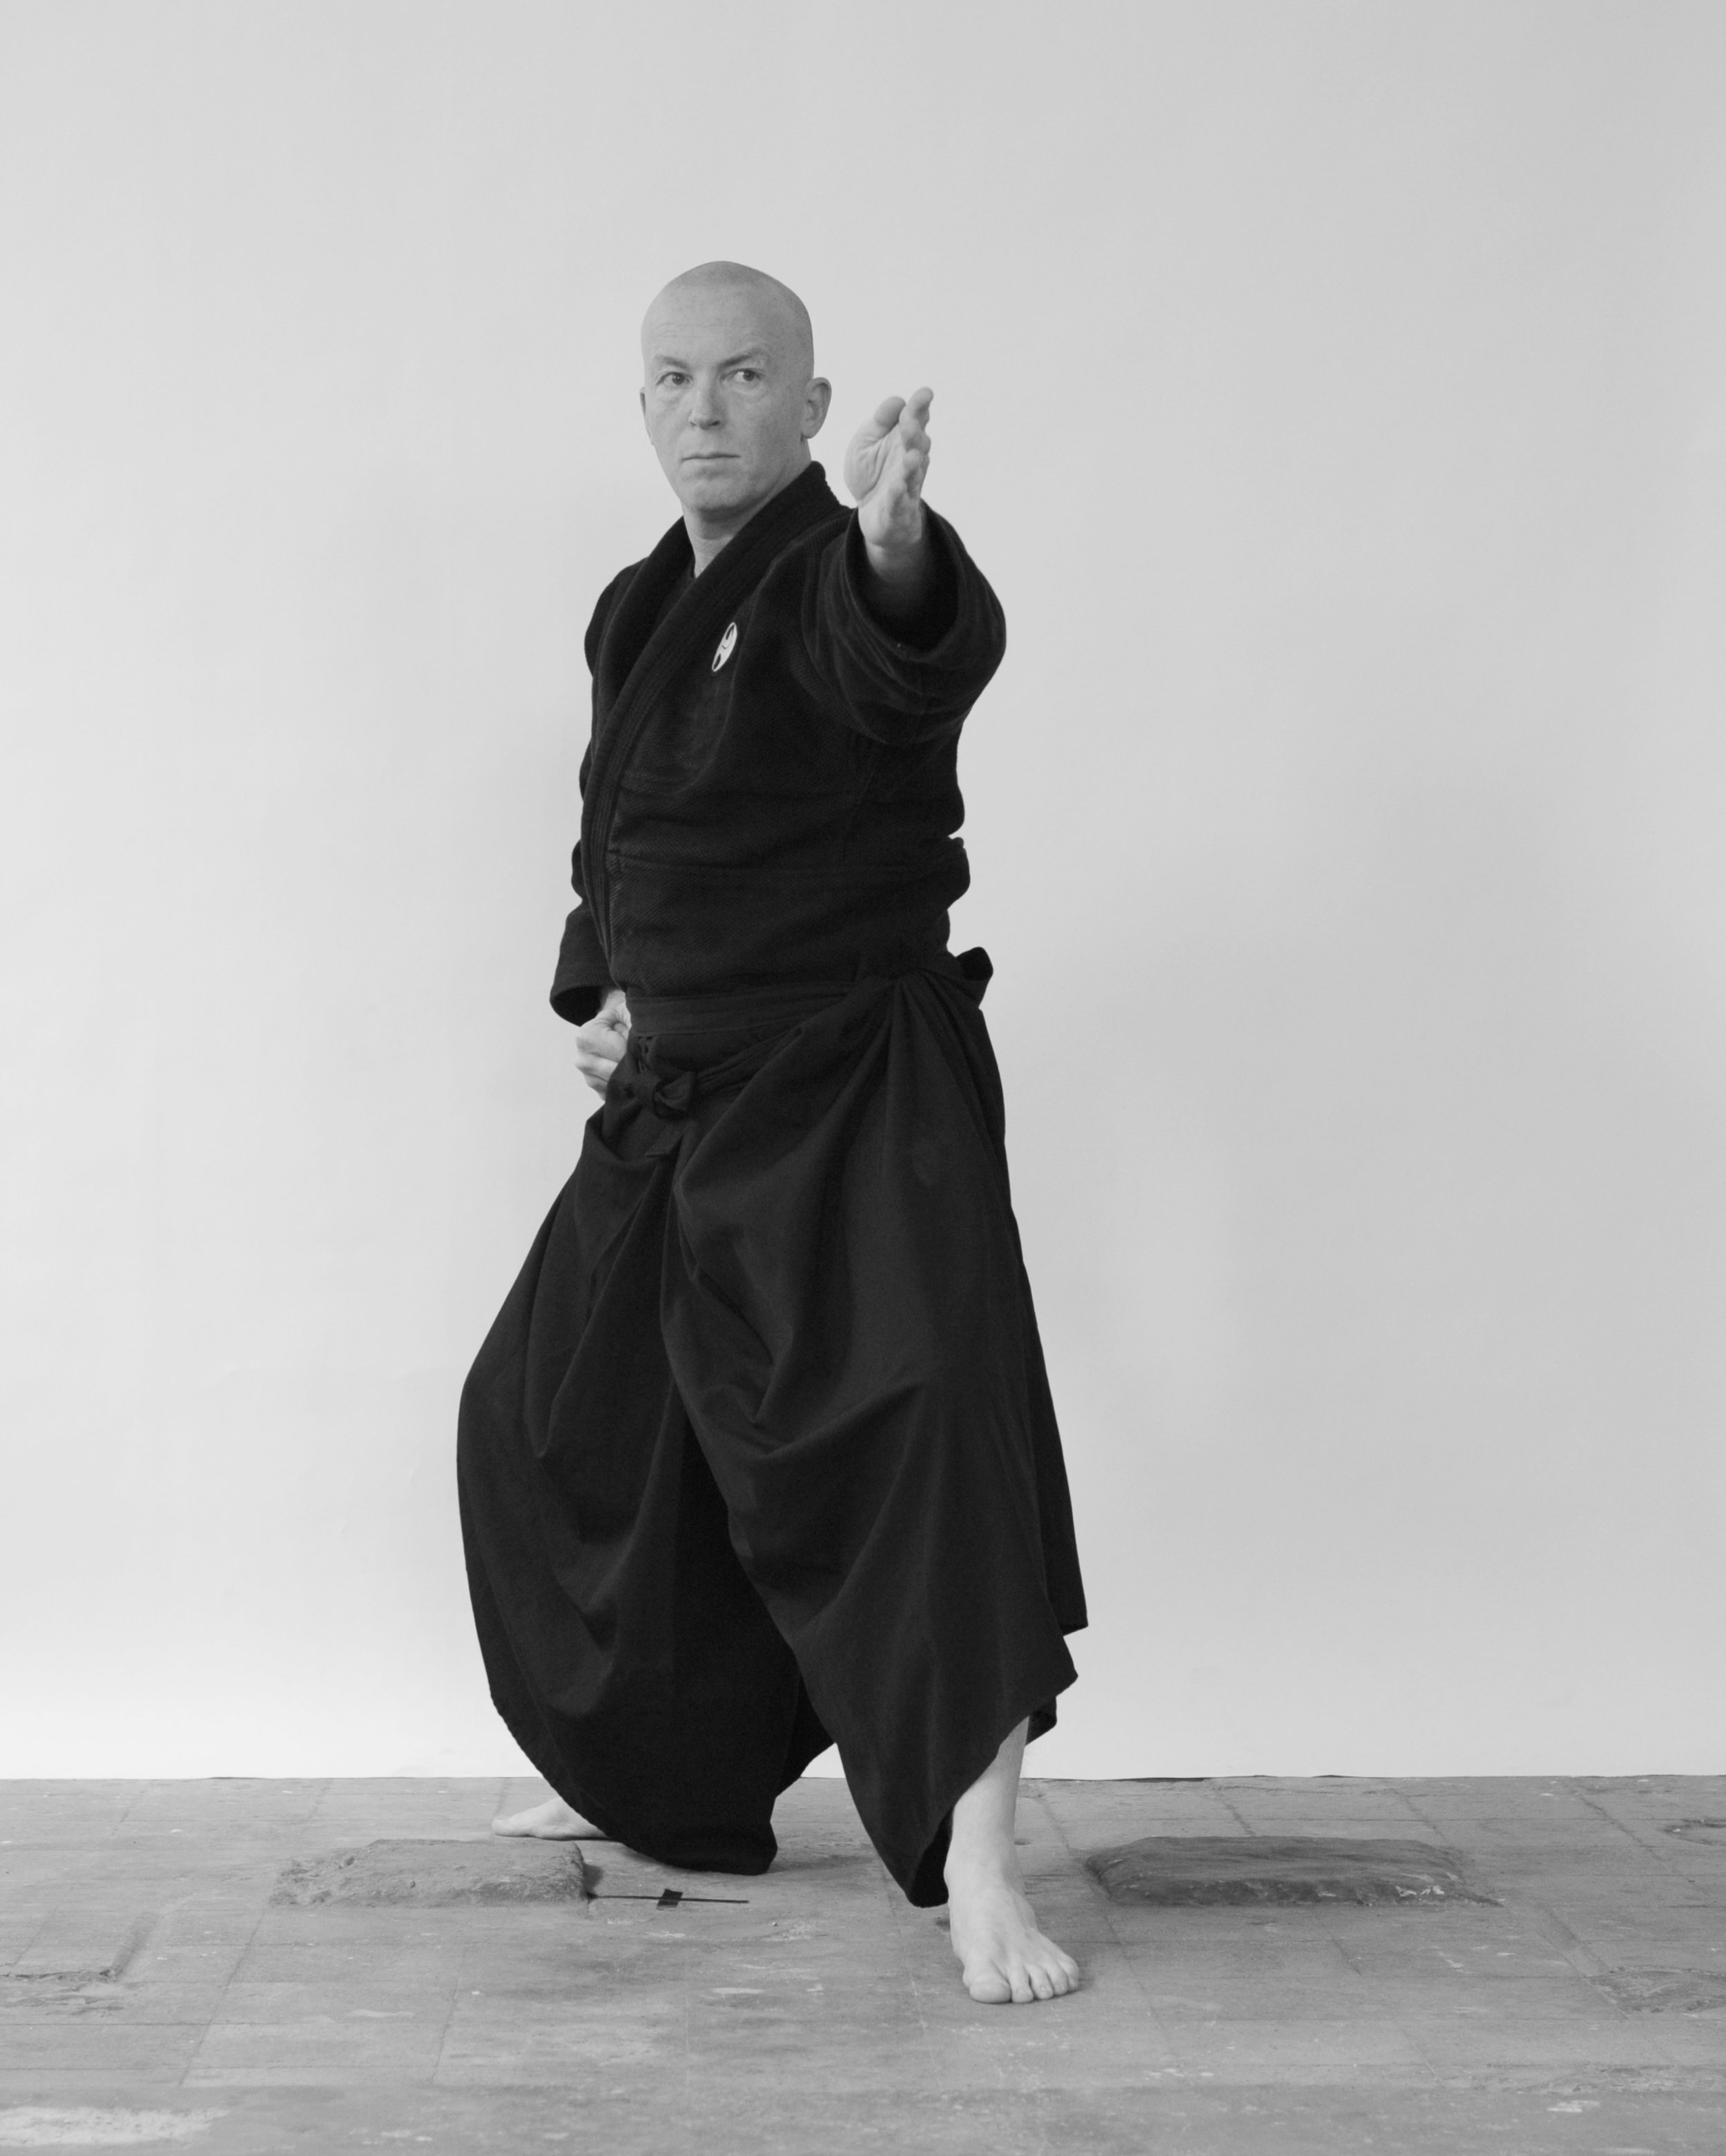 Budo Brothers Martial Arts Lifestyle Magazine